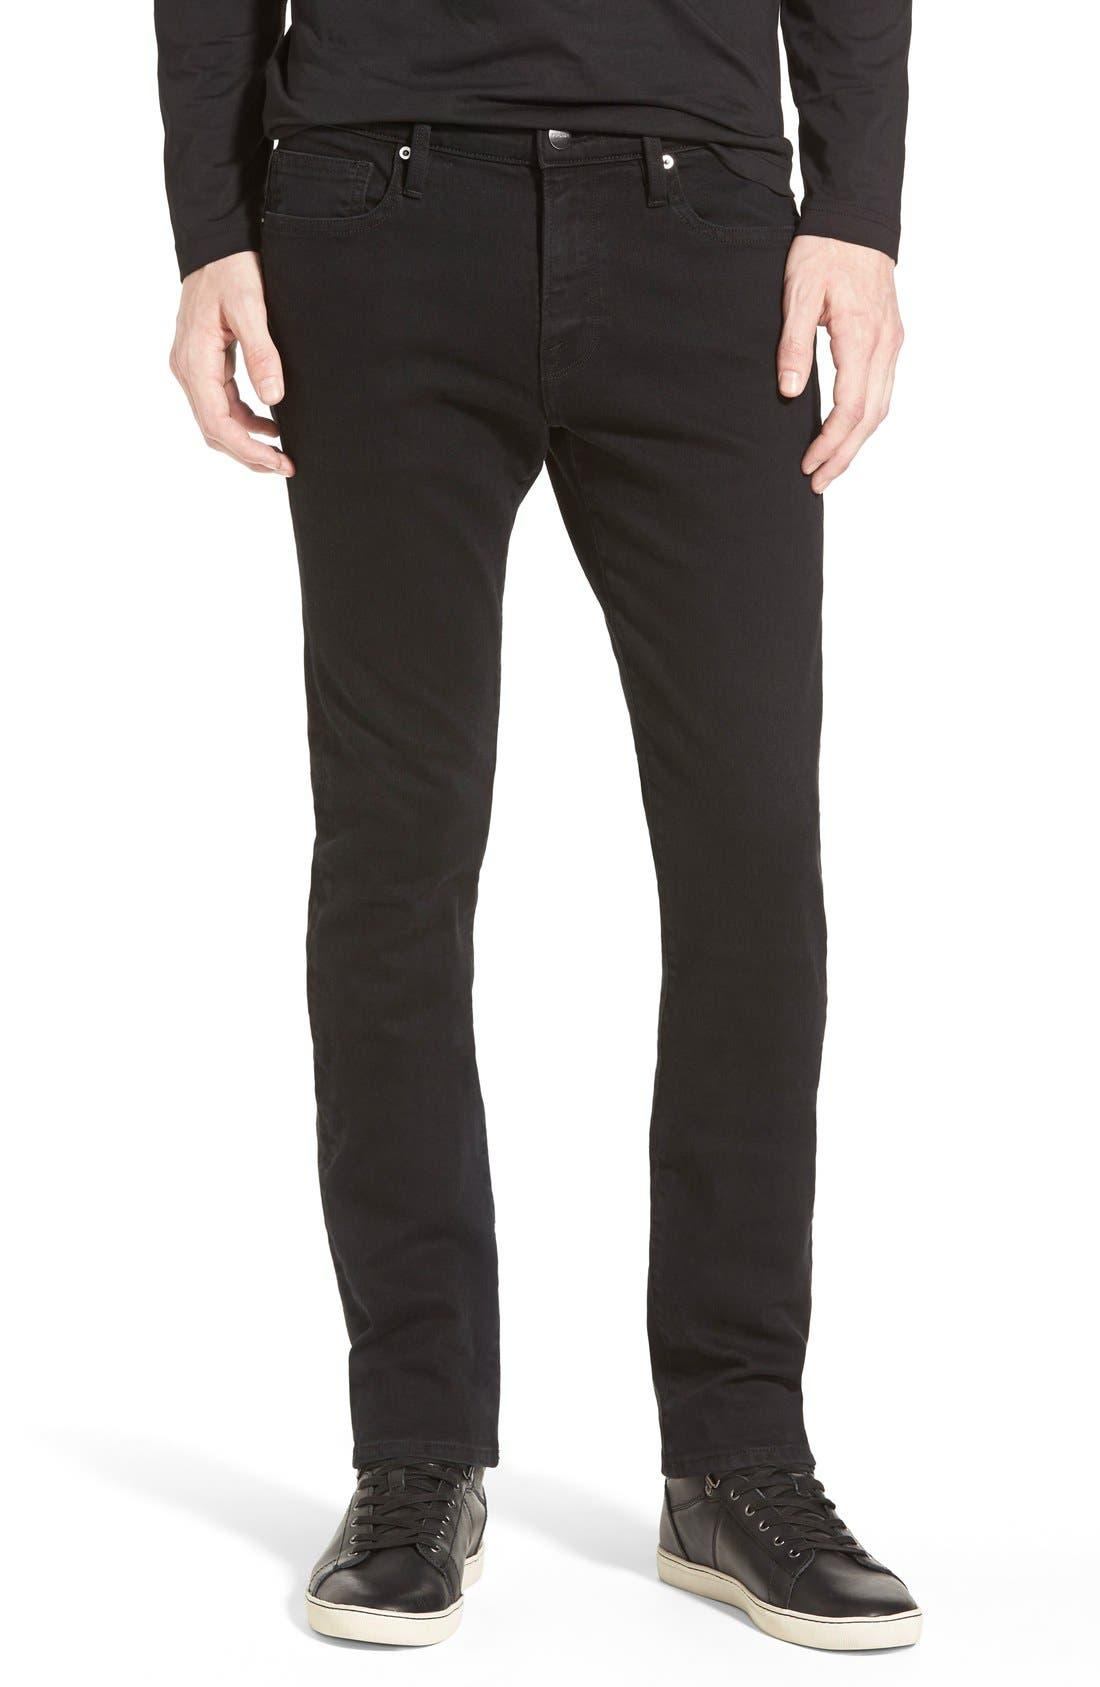 Alternate Image 1 Selected - FRAME 'L'Homme' Skinny Fit Jeans (Noir)